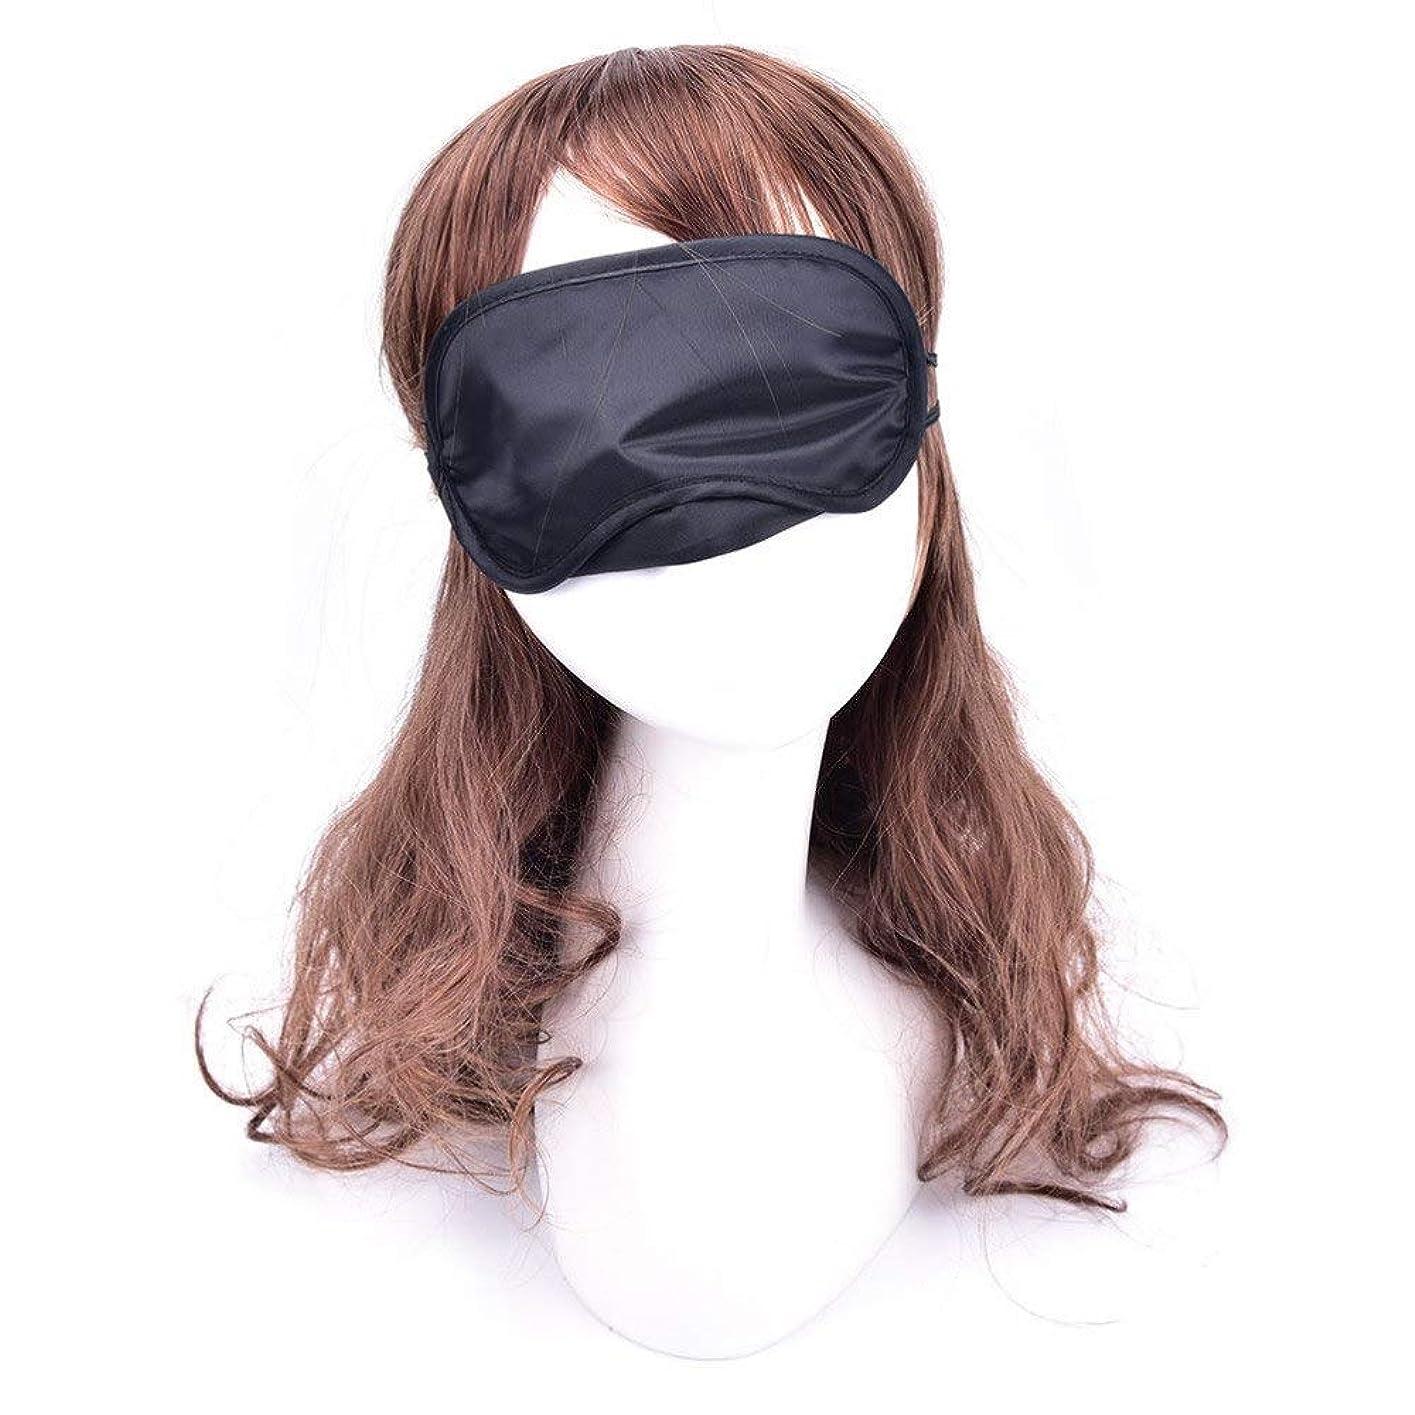 抵抗するファシズムノベルティNOTE 10ピース旅行残り目睡眠マスクサテン目隠しアイシェード仮眠カバー目隠し睡眠ソフトアイマスクシェードカバー